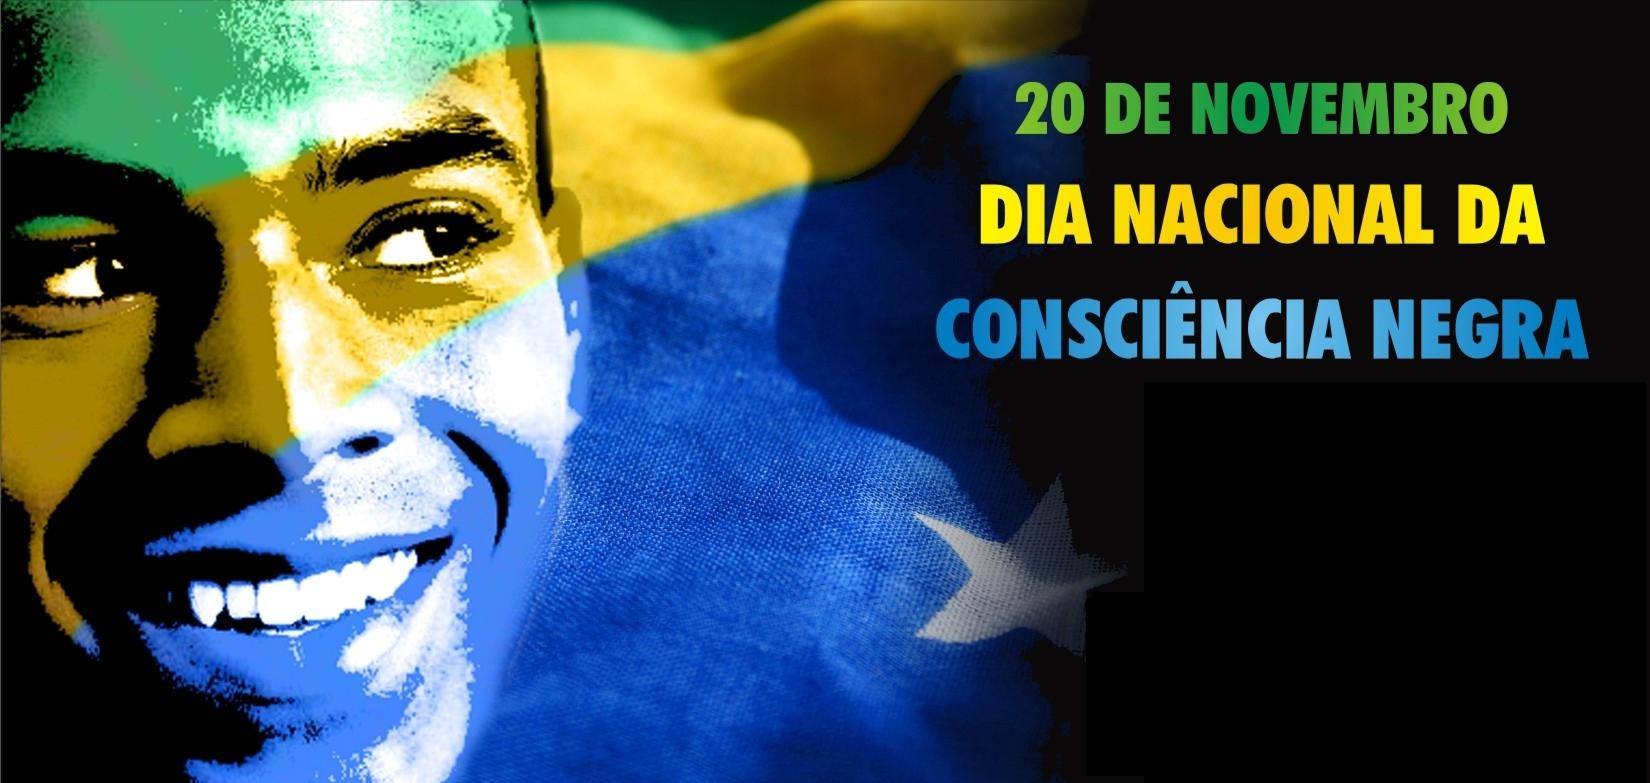 Consciência Negra: Dia é comemorado em mais de mil cidades brasileiras